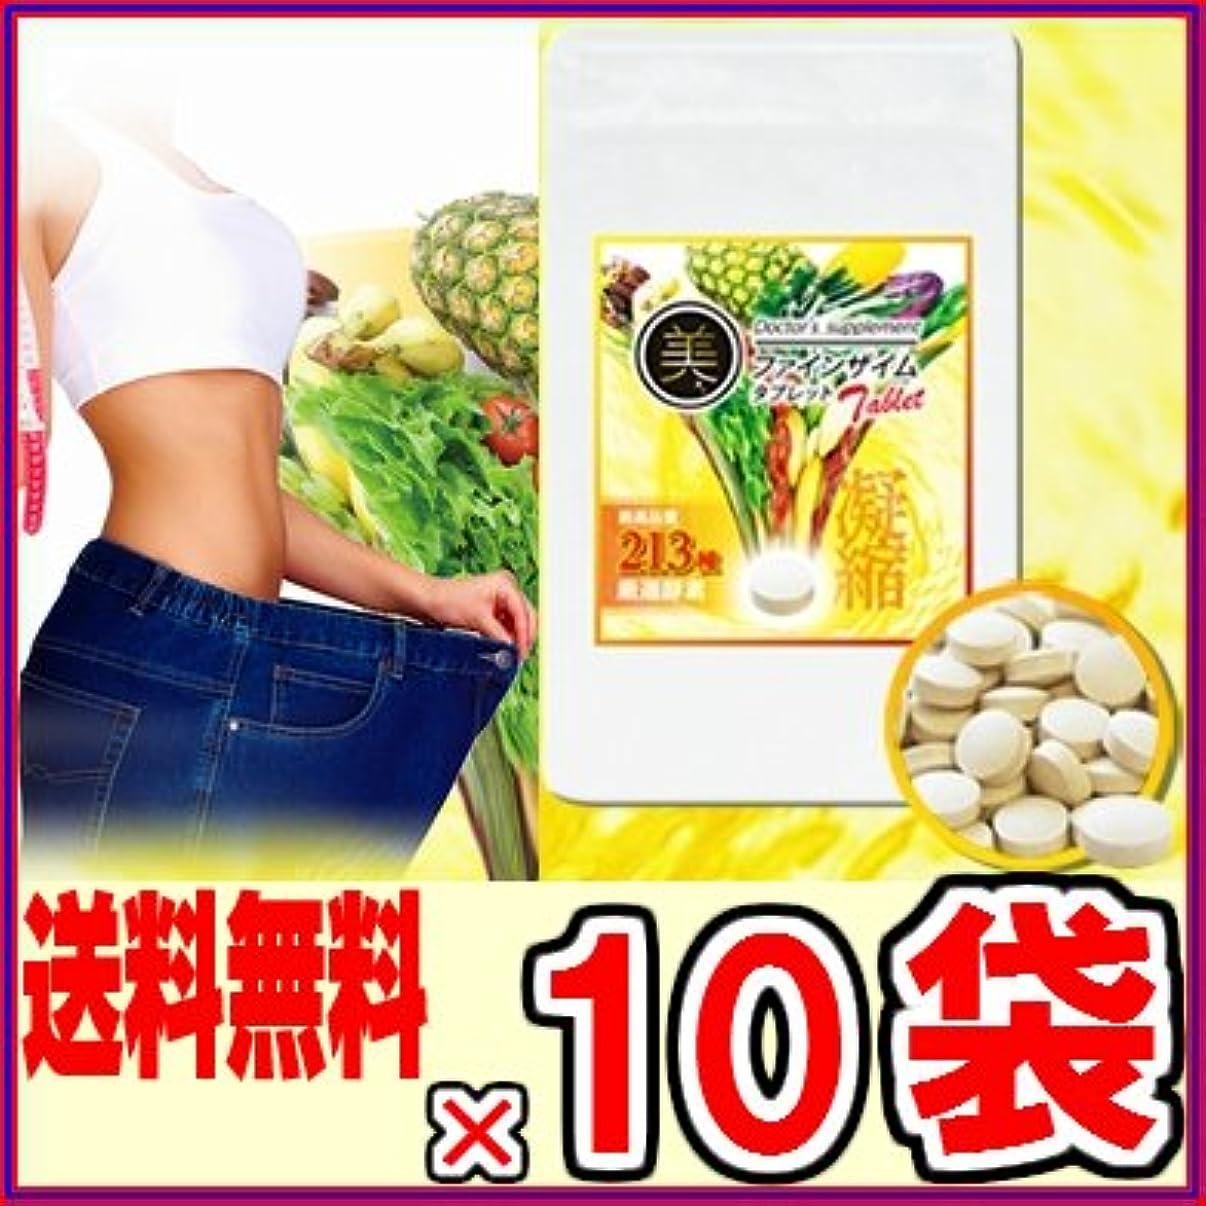 反逆掻く承認美?ファインザイム タブレット90粒 ×超お得10袋セット《酵素、ダイエット、エステ、213種酵素、酵素ダイエット、マイクロ、リコピン、レスベラトロール》